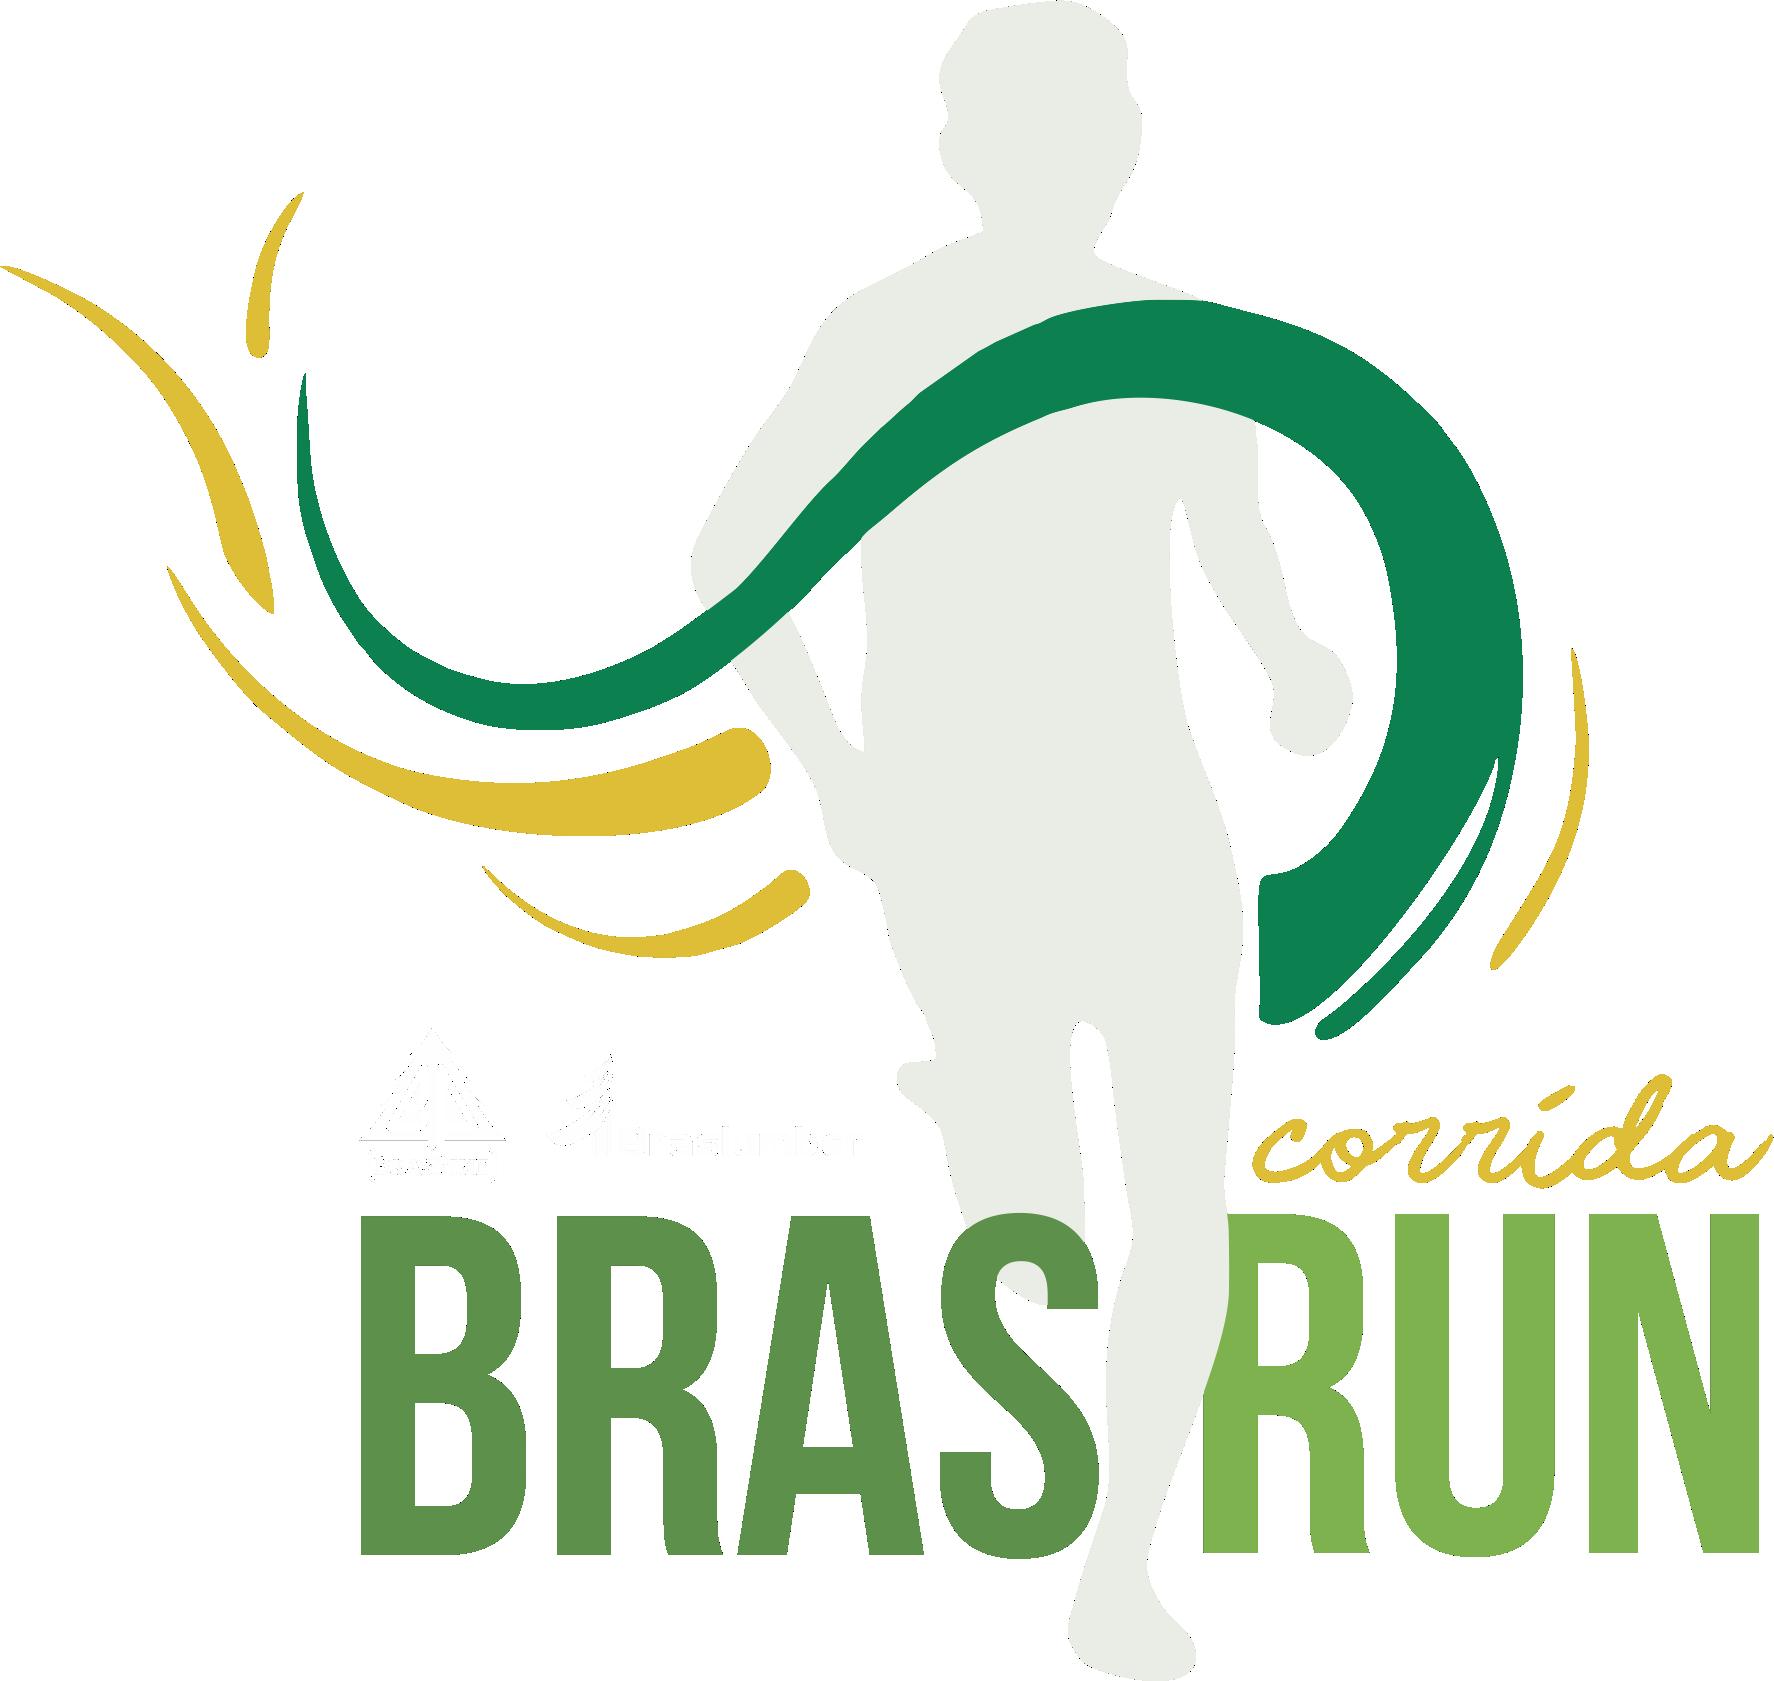 6ª BRASRUN - BRASLUMBER